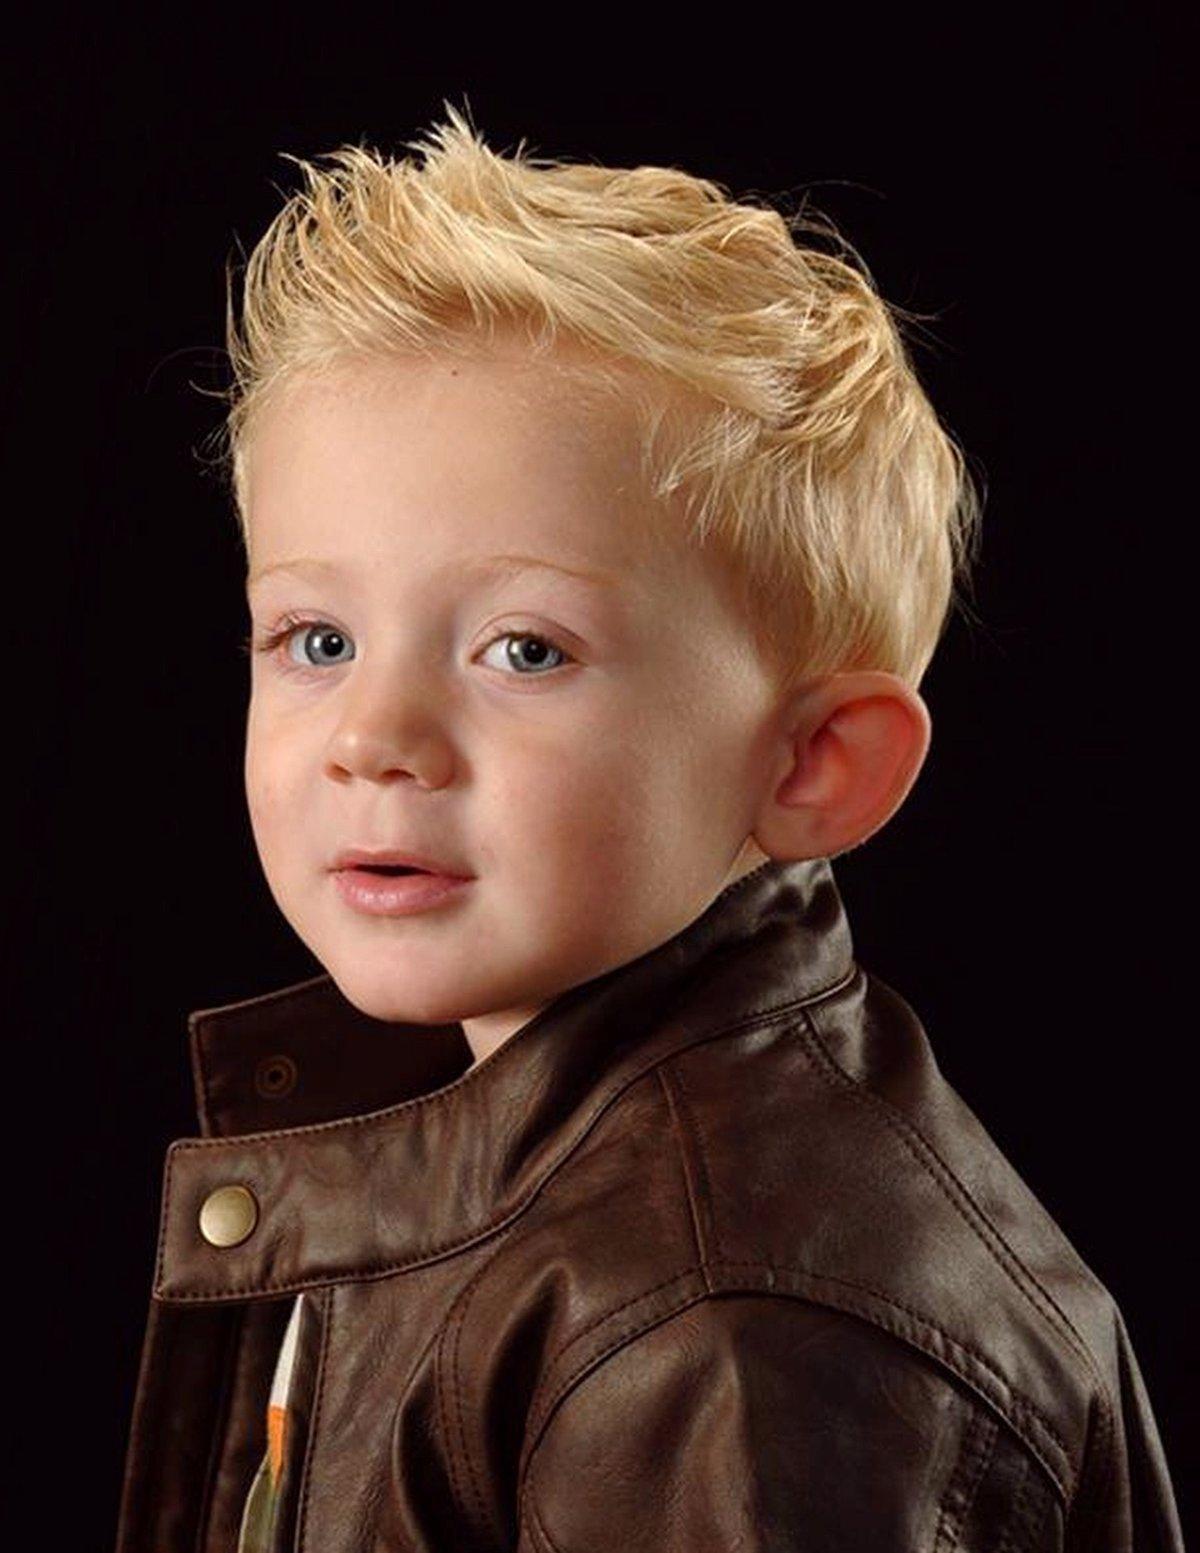 Прическа на мальчика шапочка фото из